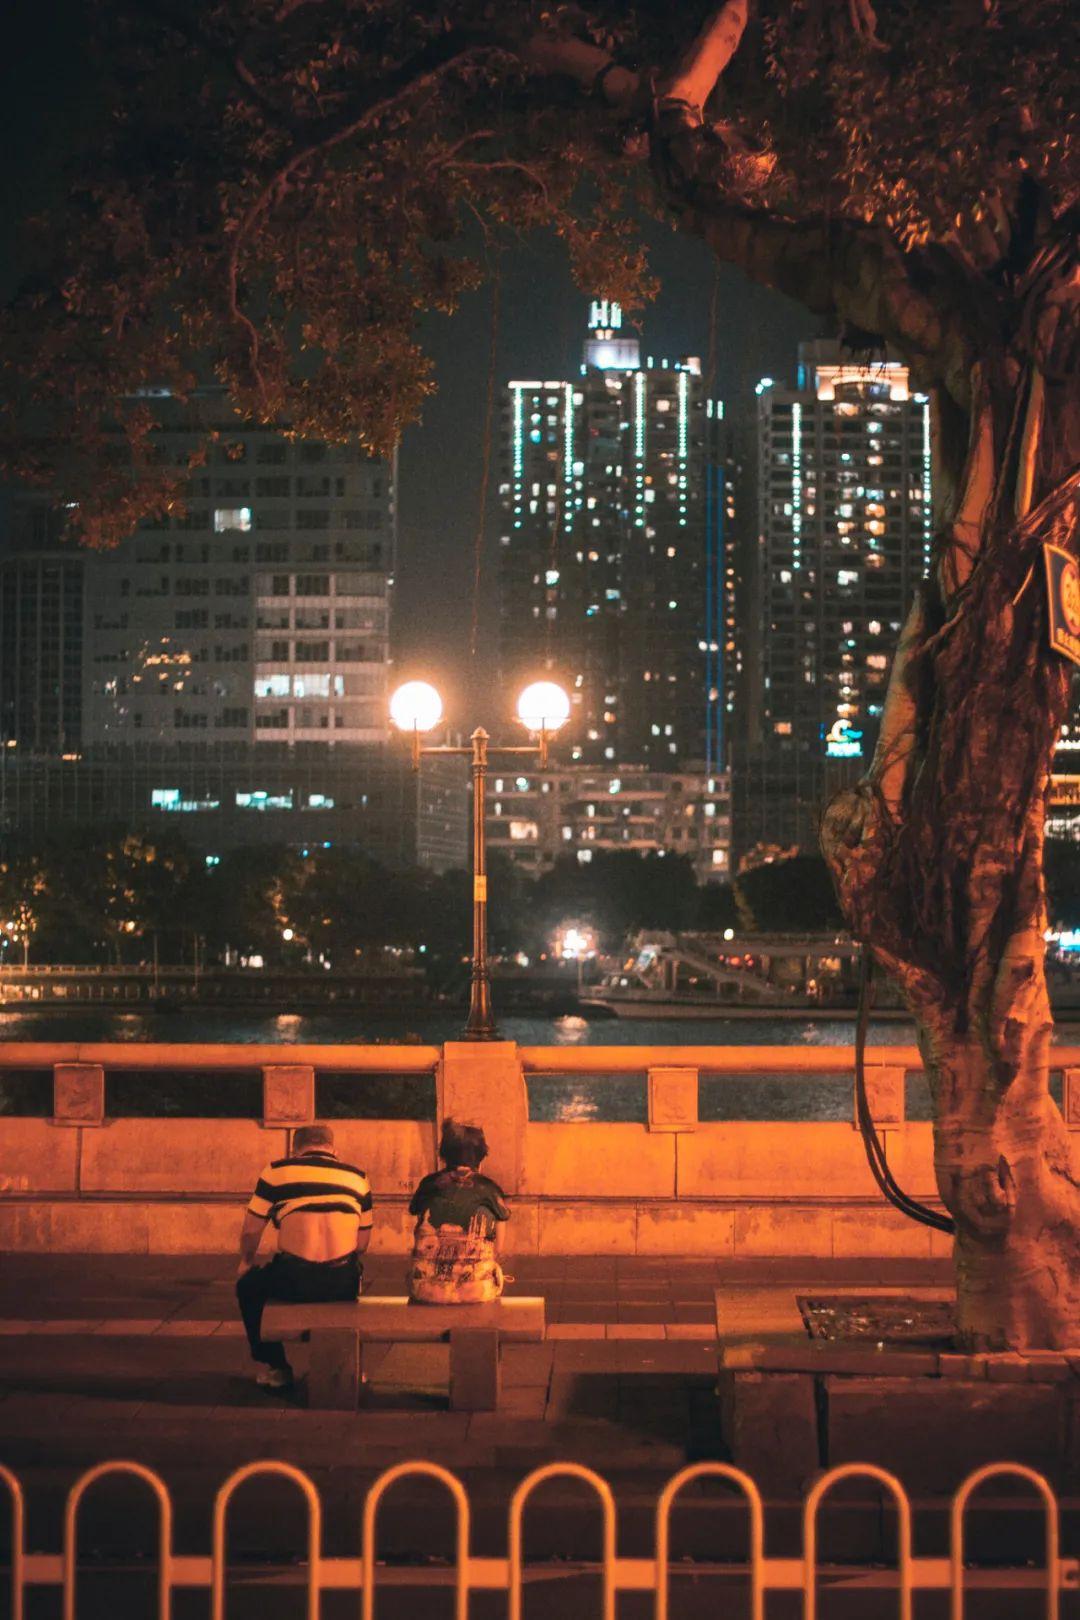 △生活气息是广州幸福感的来源。/unsplash